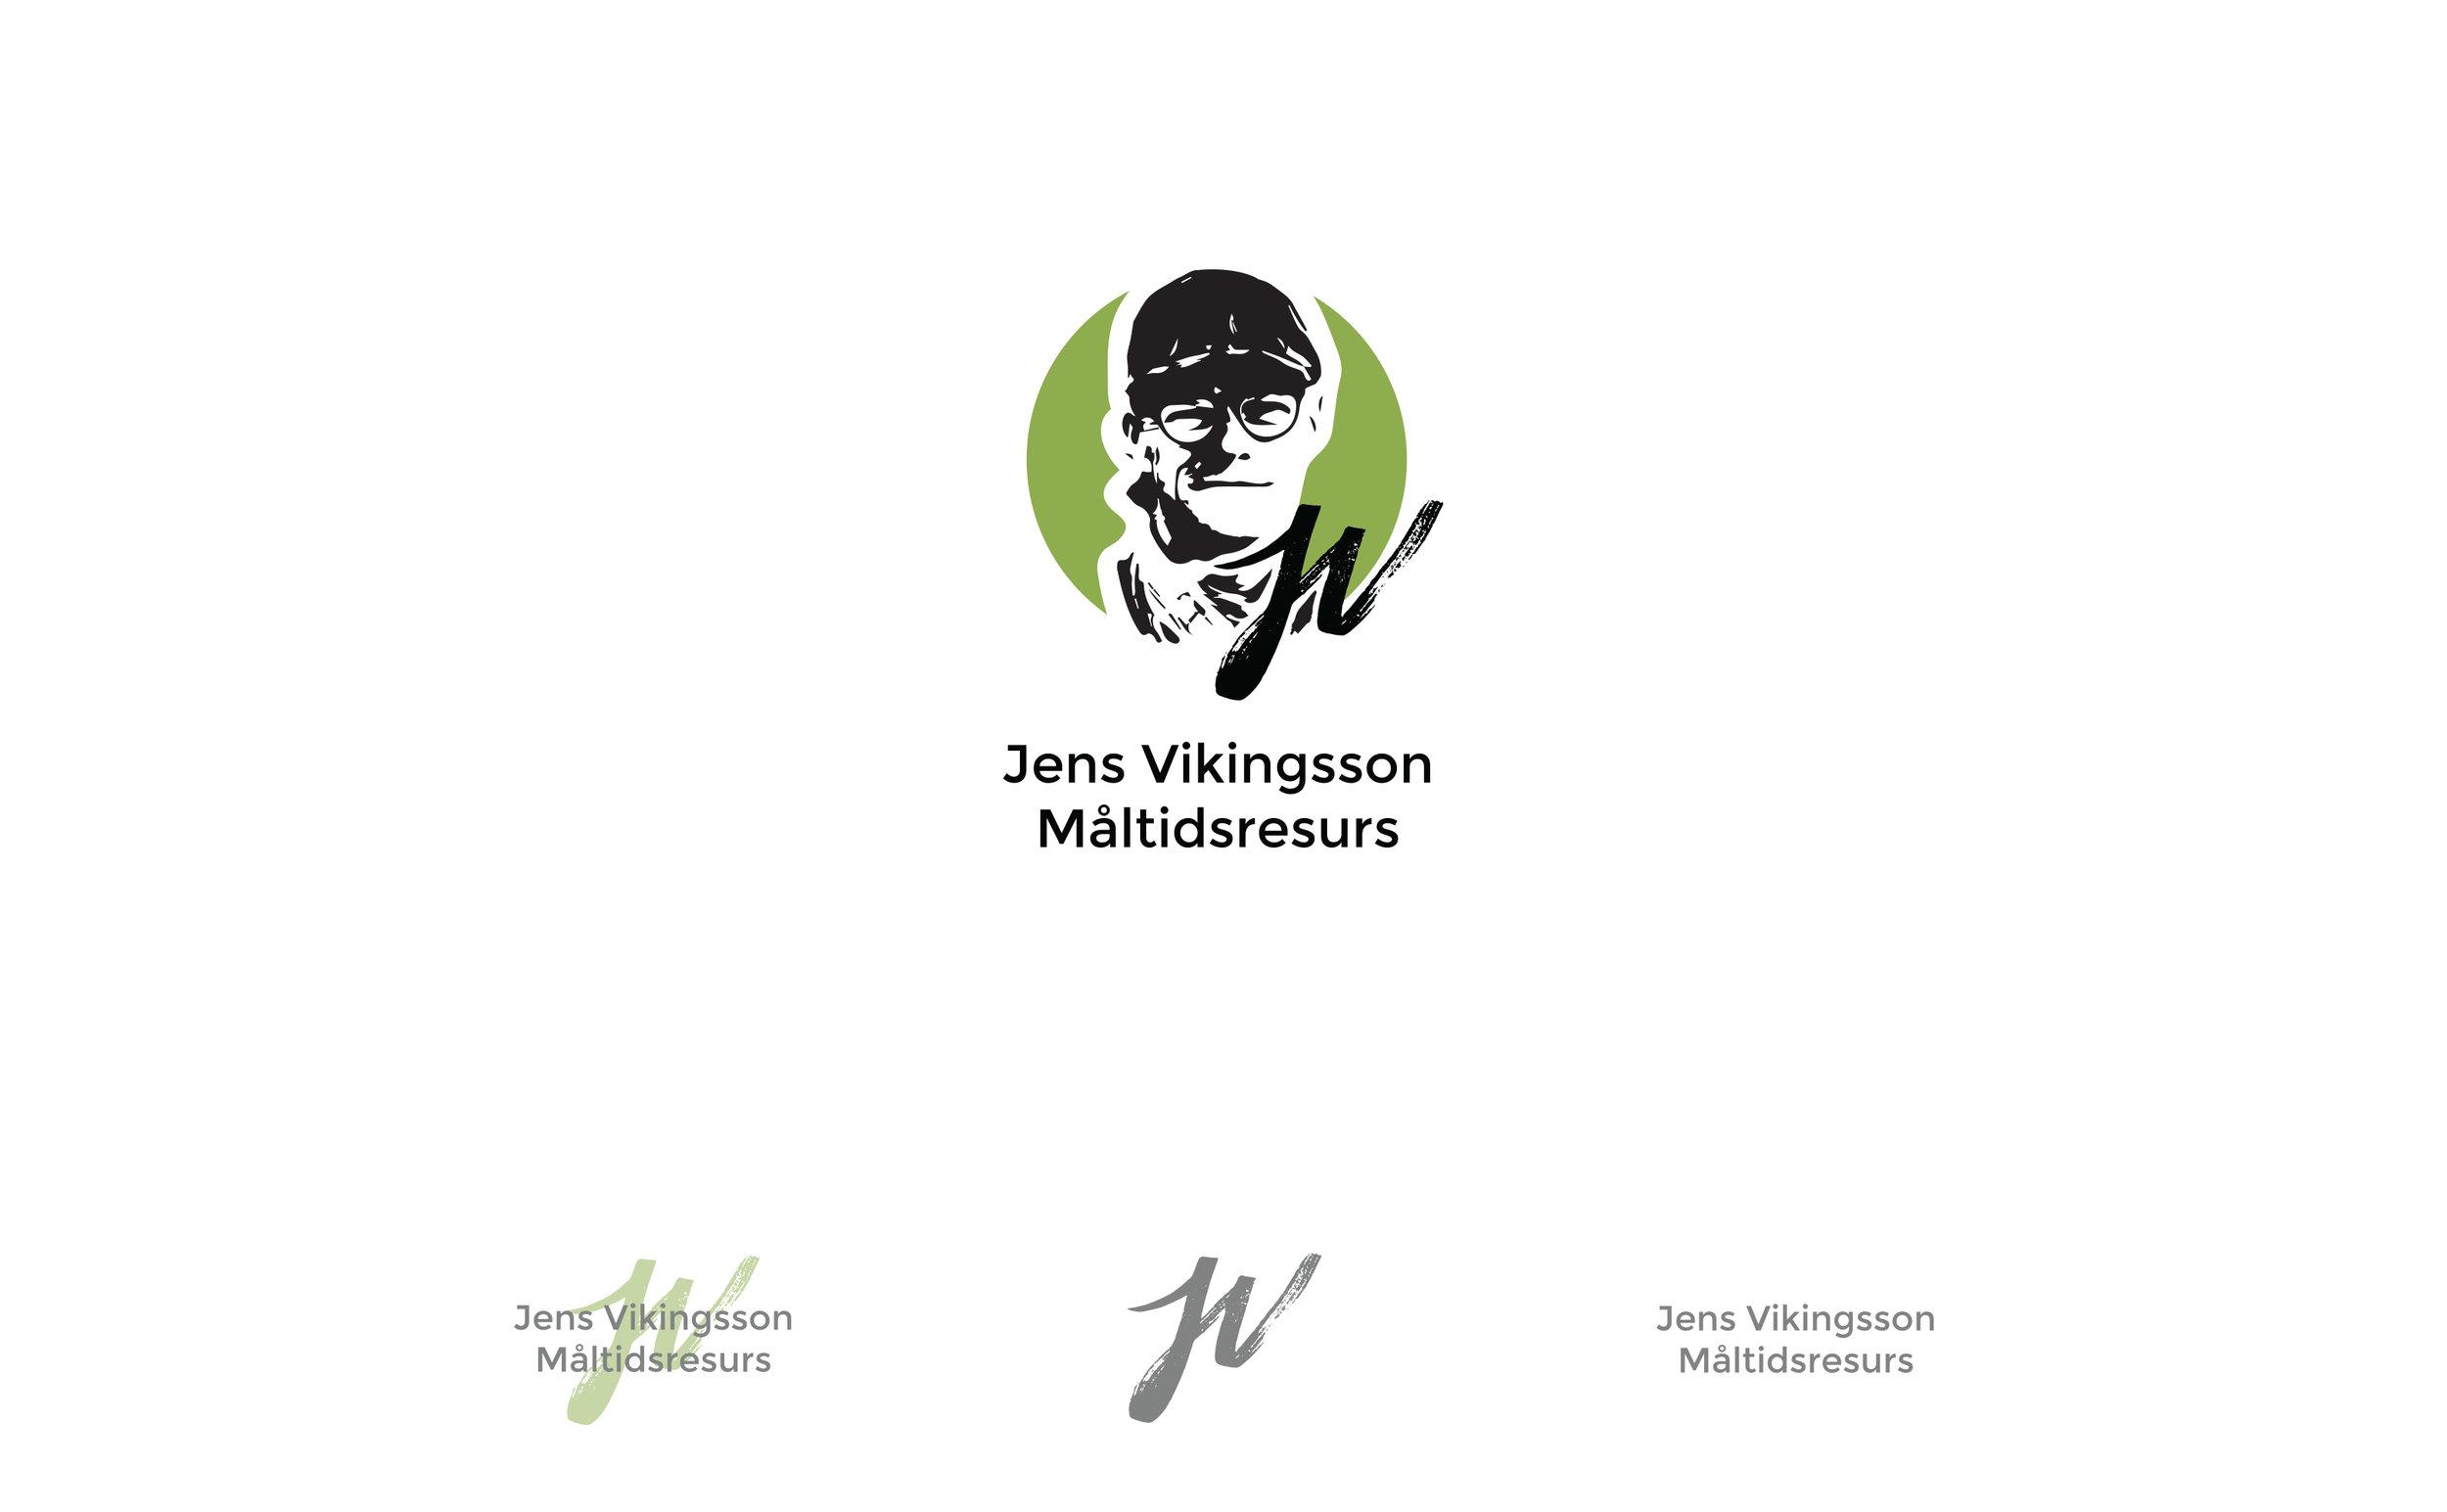 Jens Vikingsson